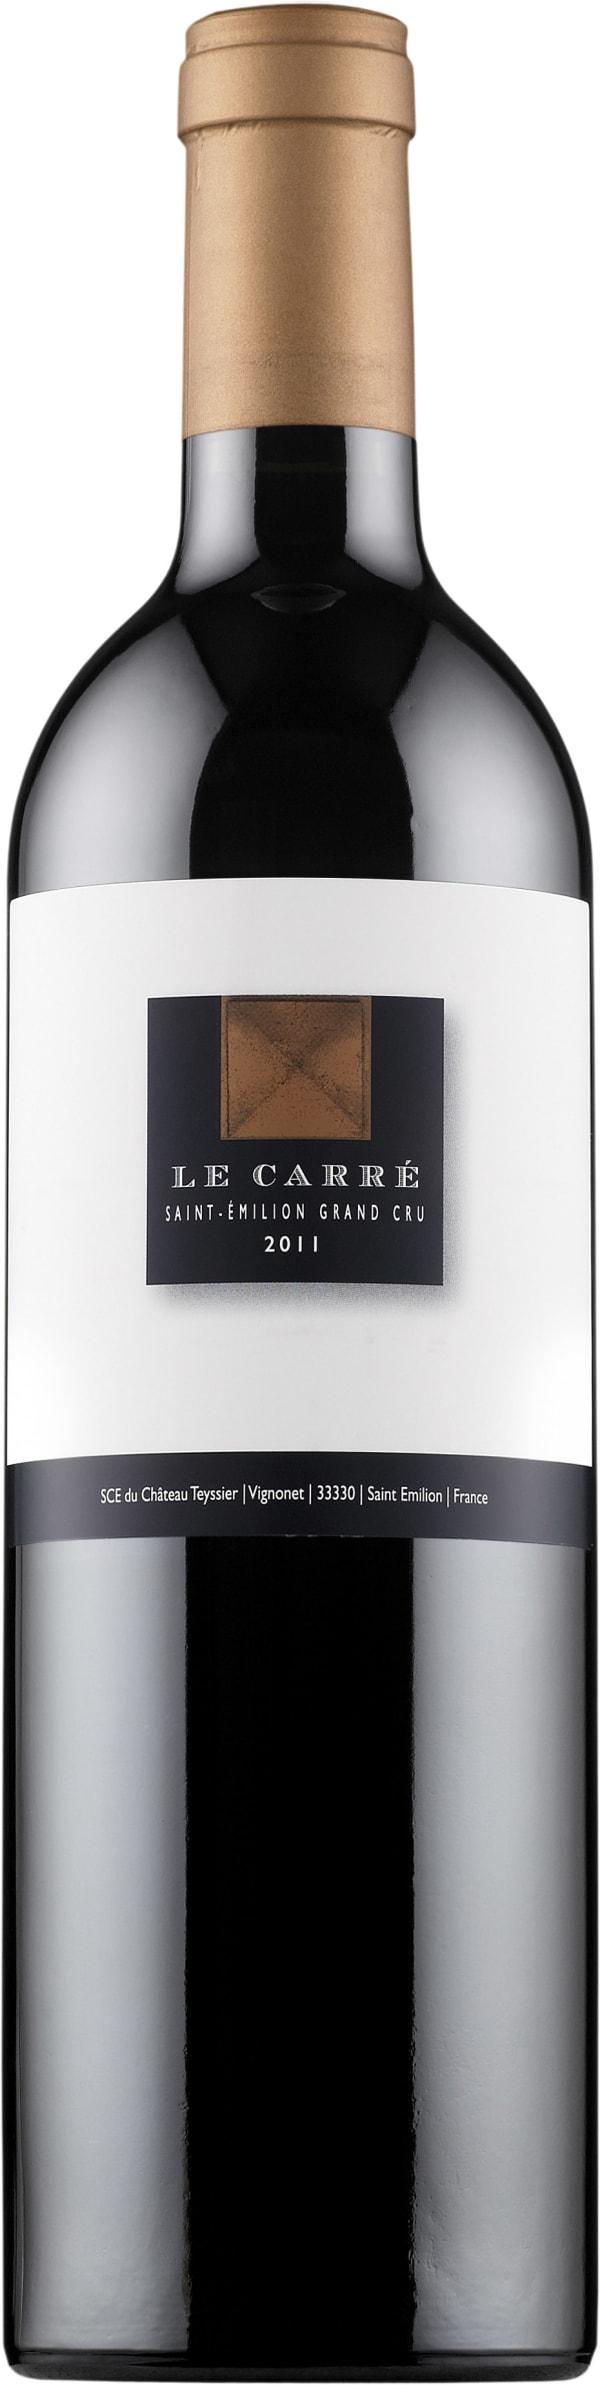 Le Carré 2011